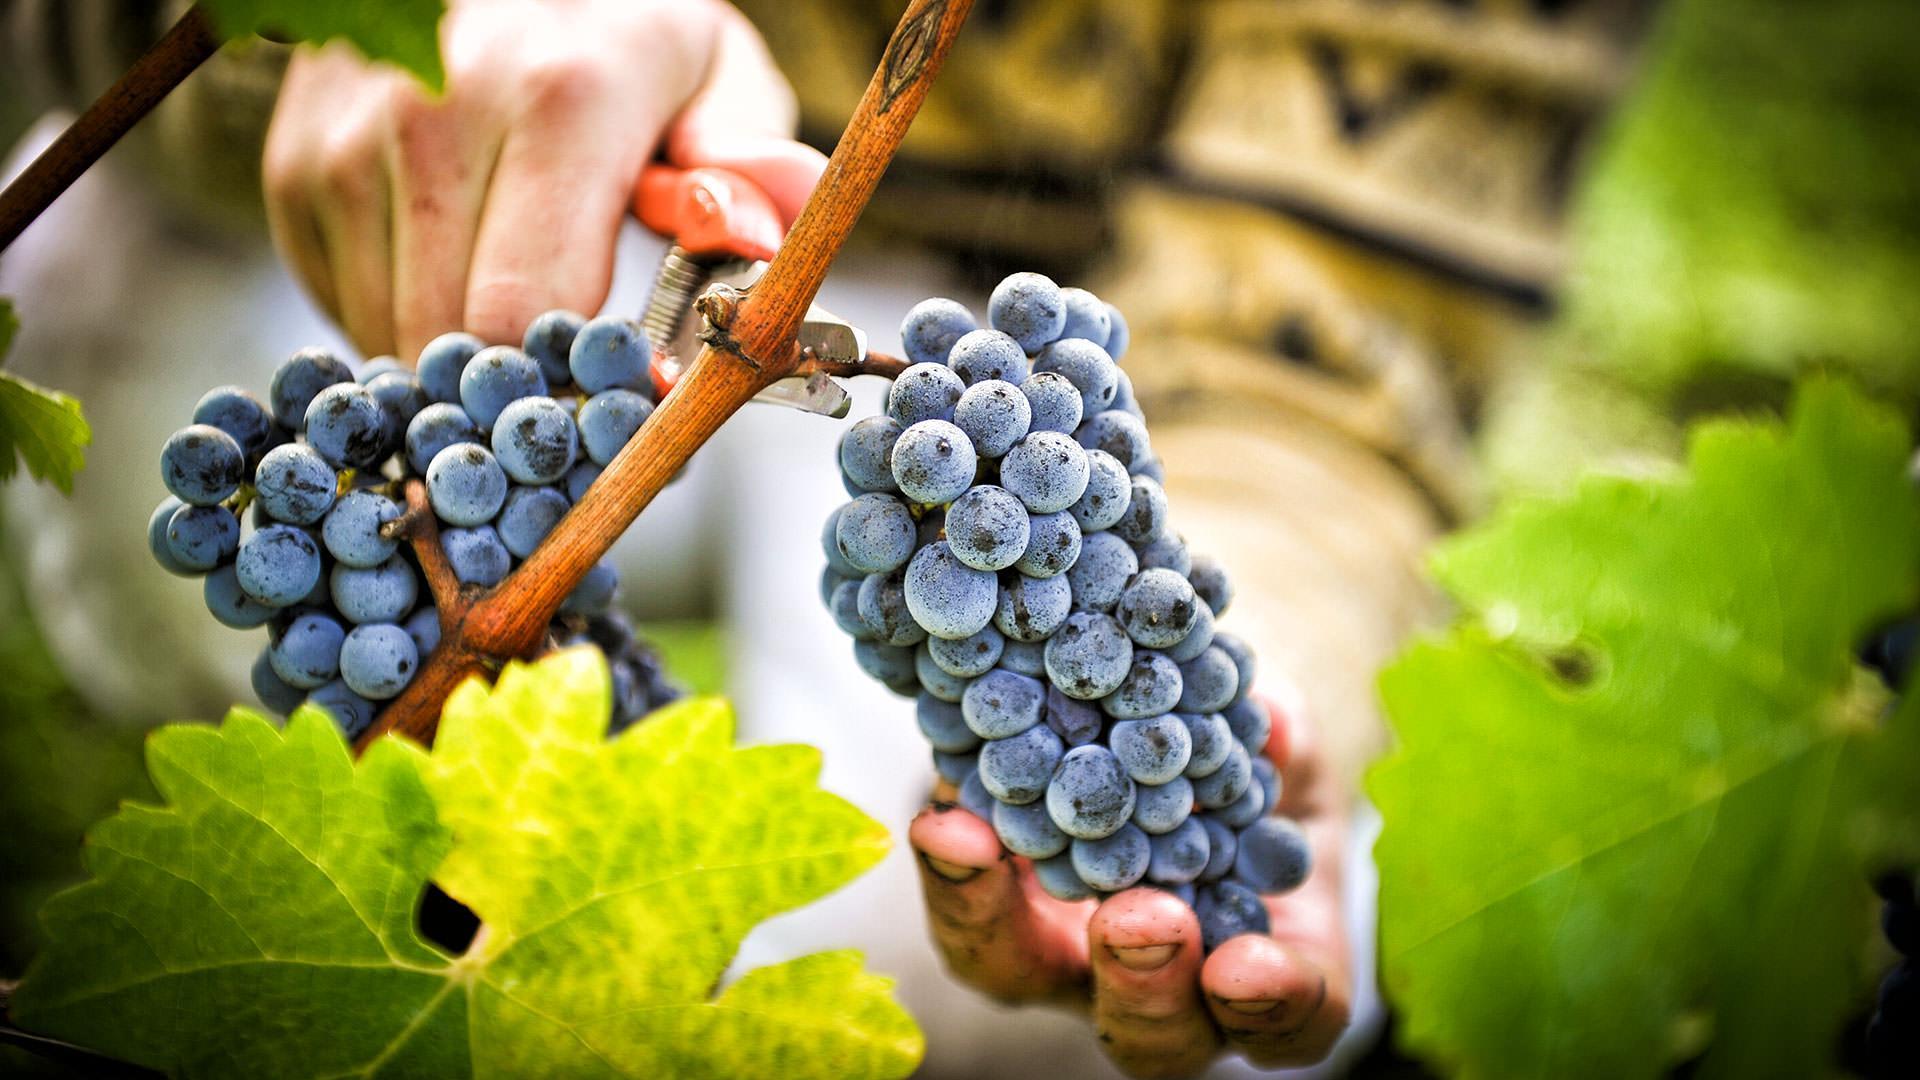 Виноградное вино обладает сильными целебными действиями в борьбе с различными вирусами и инфекциями, а также помогает быстро и эффективно справиться с простудой.